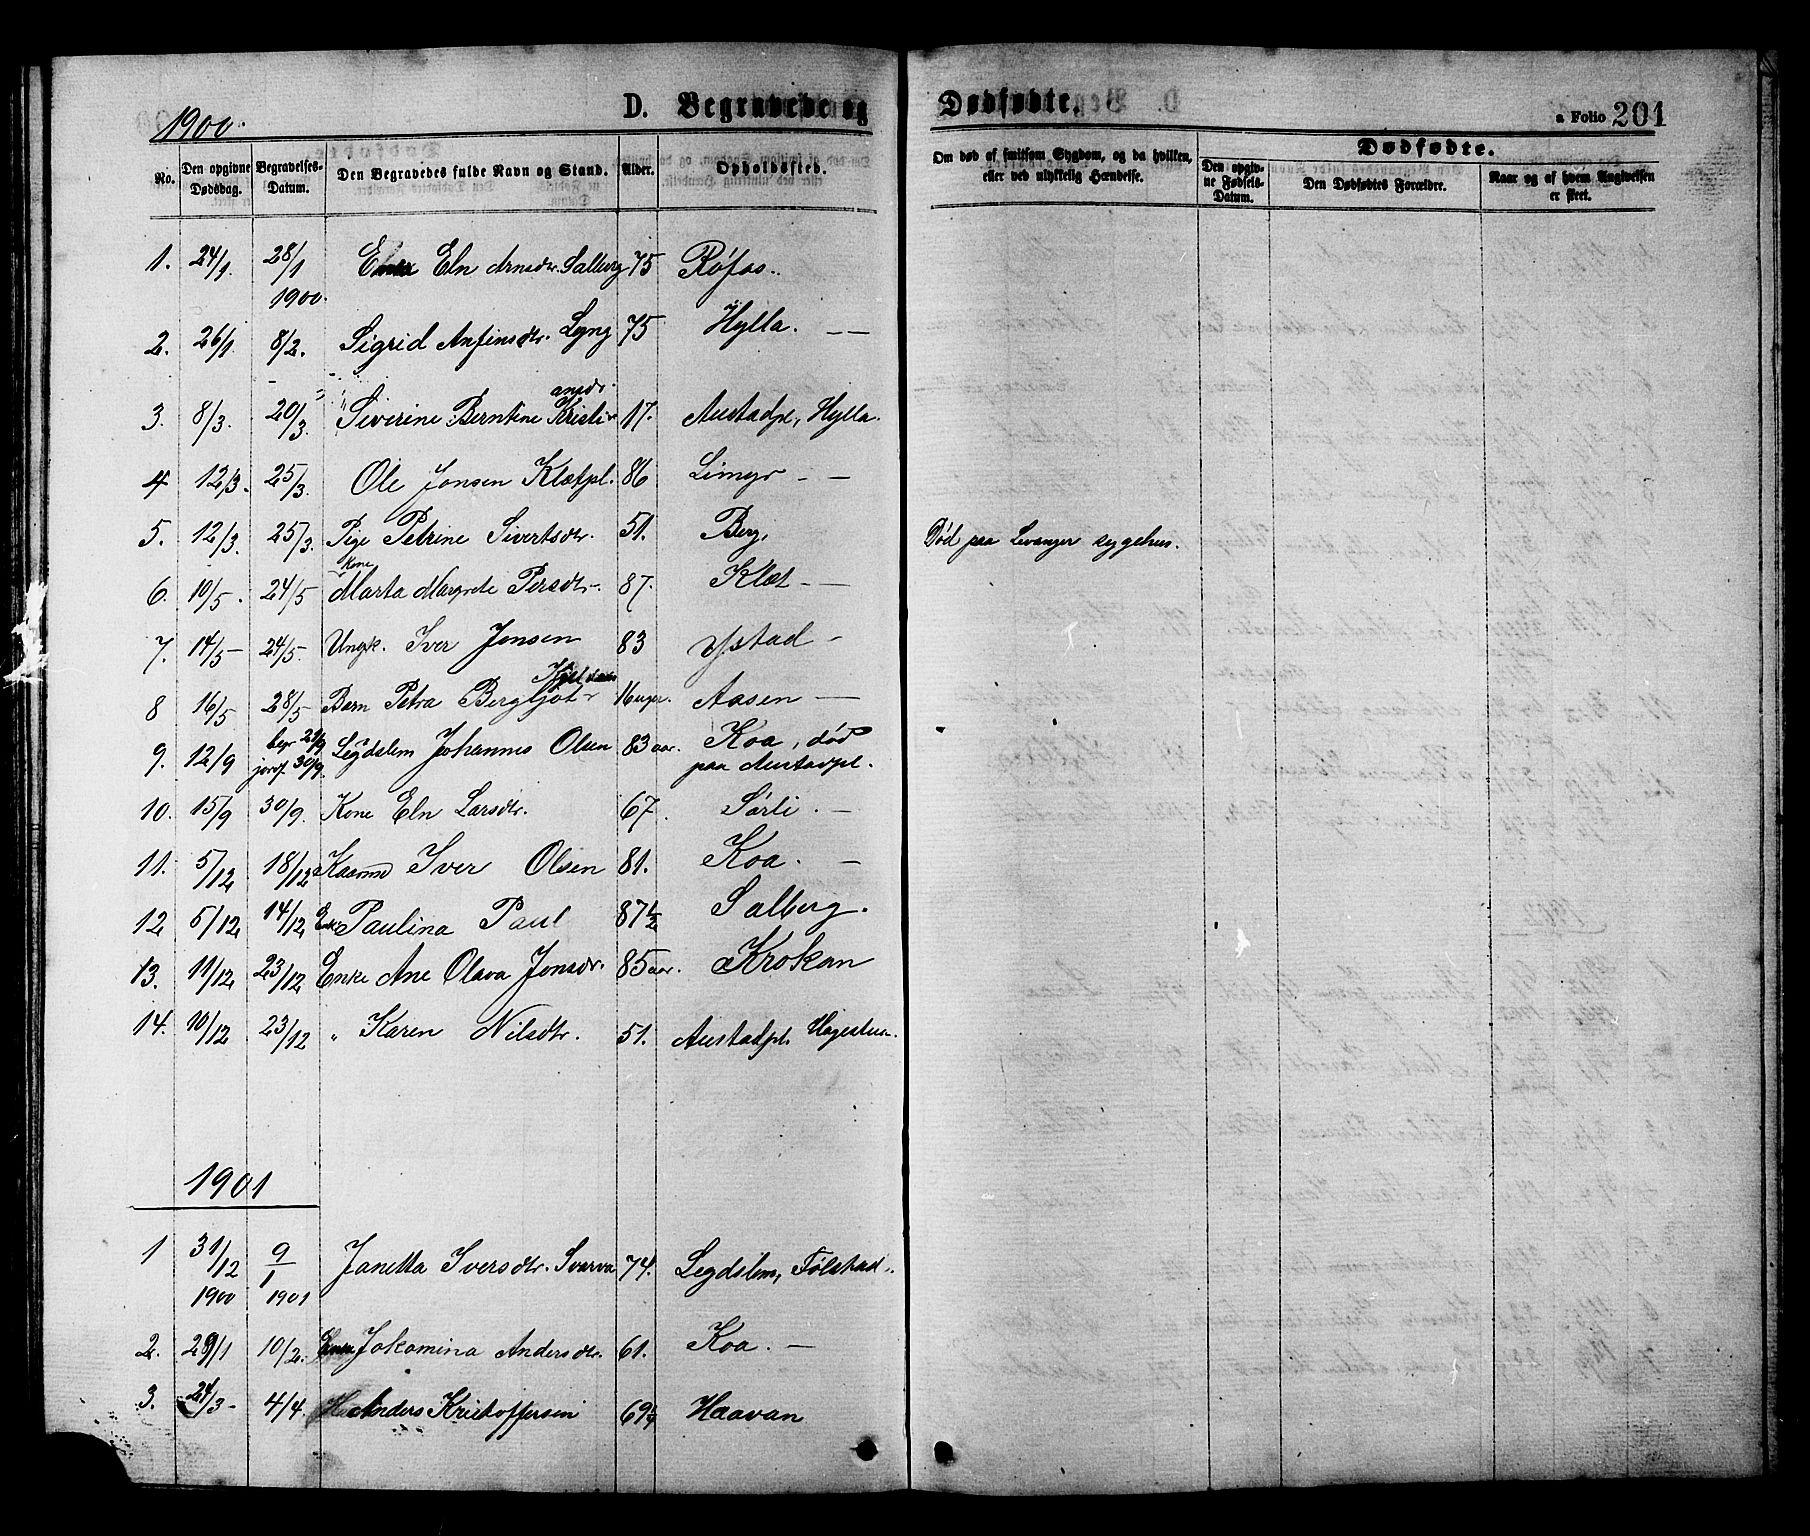 SAT, Ministerialprotokoller, klokkerbøker og fødselsregistre - Nord-Trøndelag, 731/L0311: Klokkerbok nr. 731C02, 1875-1911, s. 201